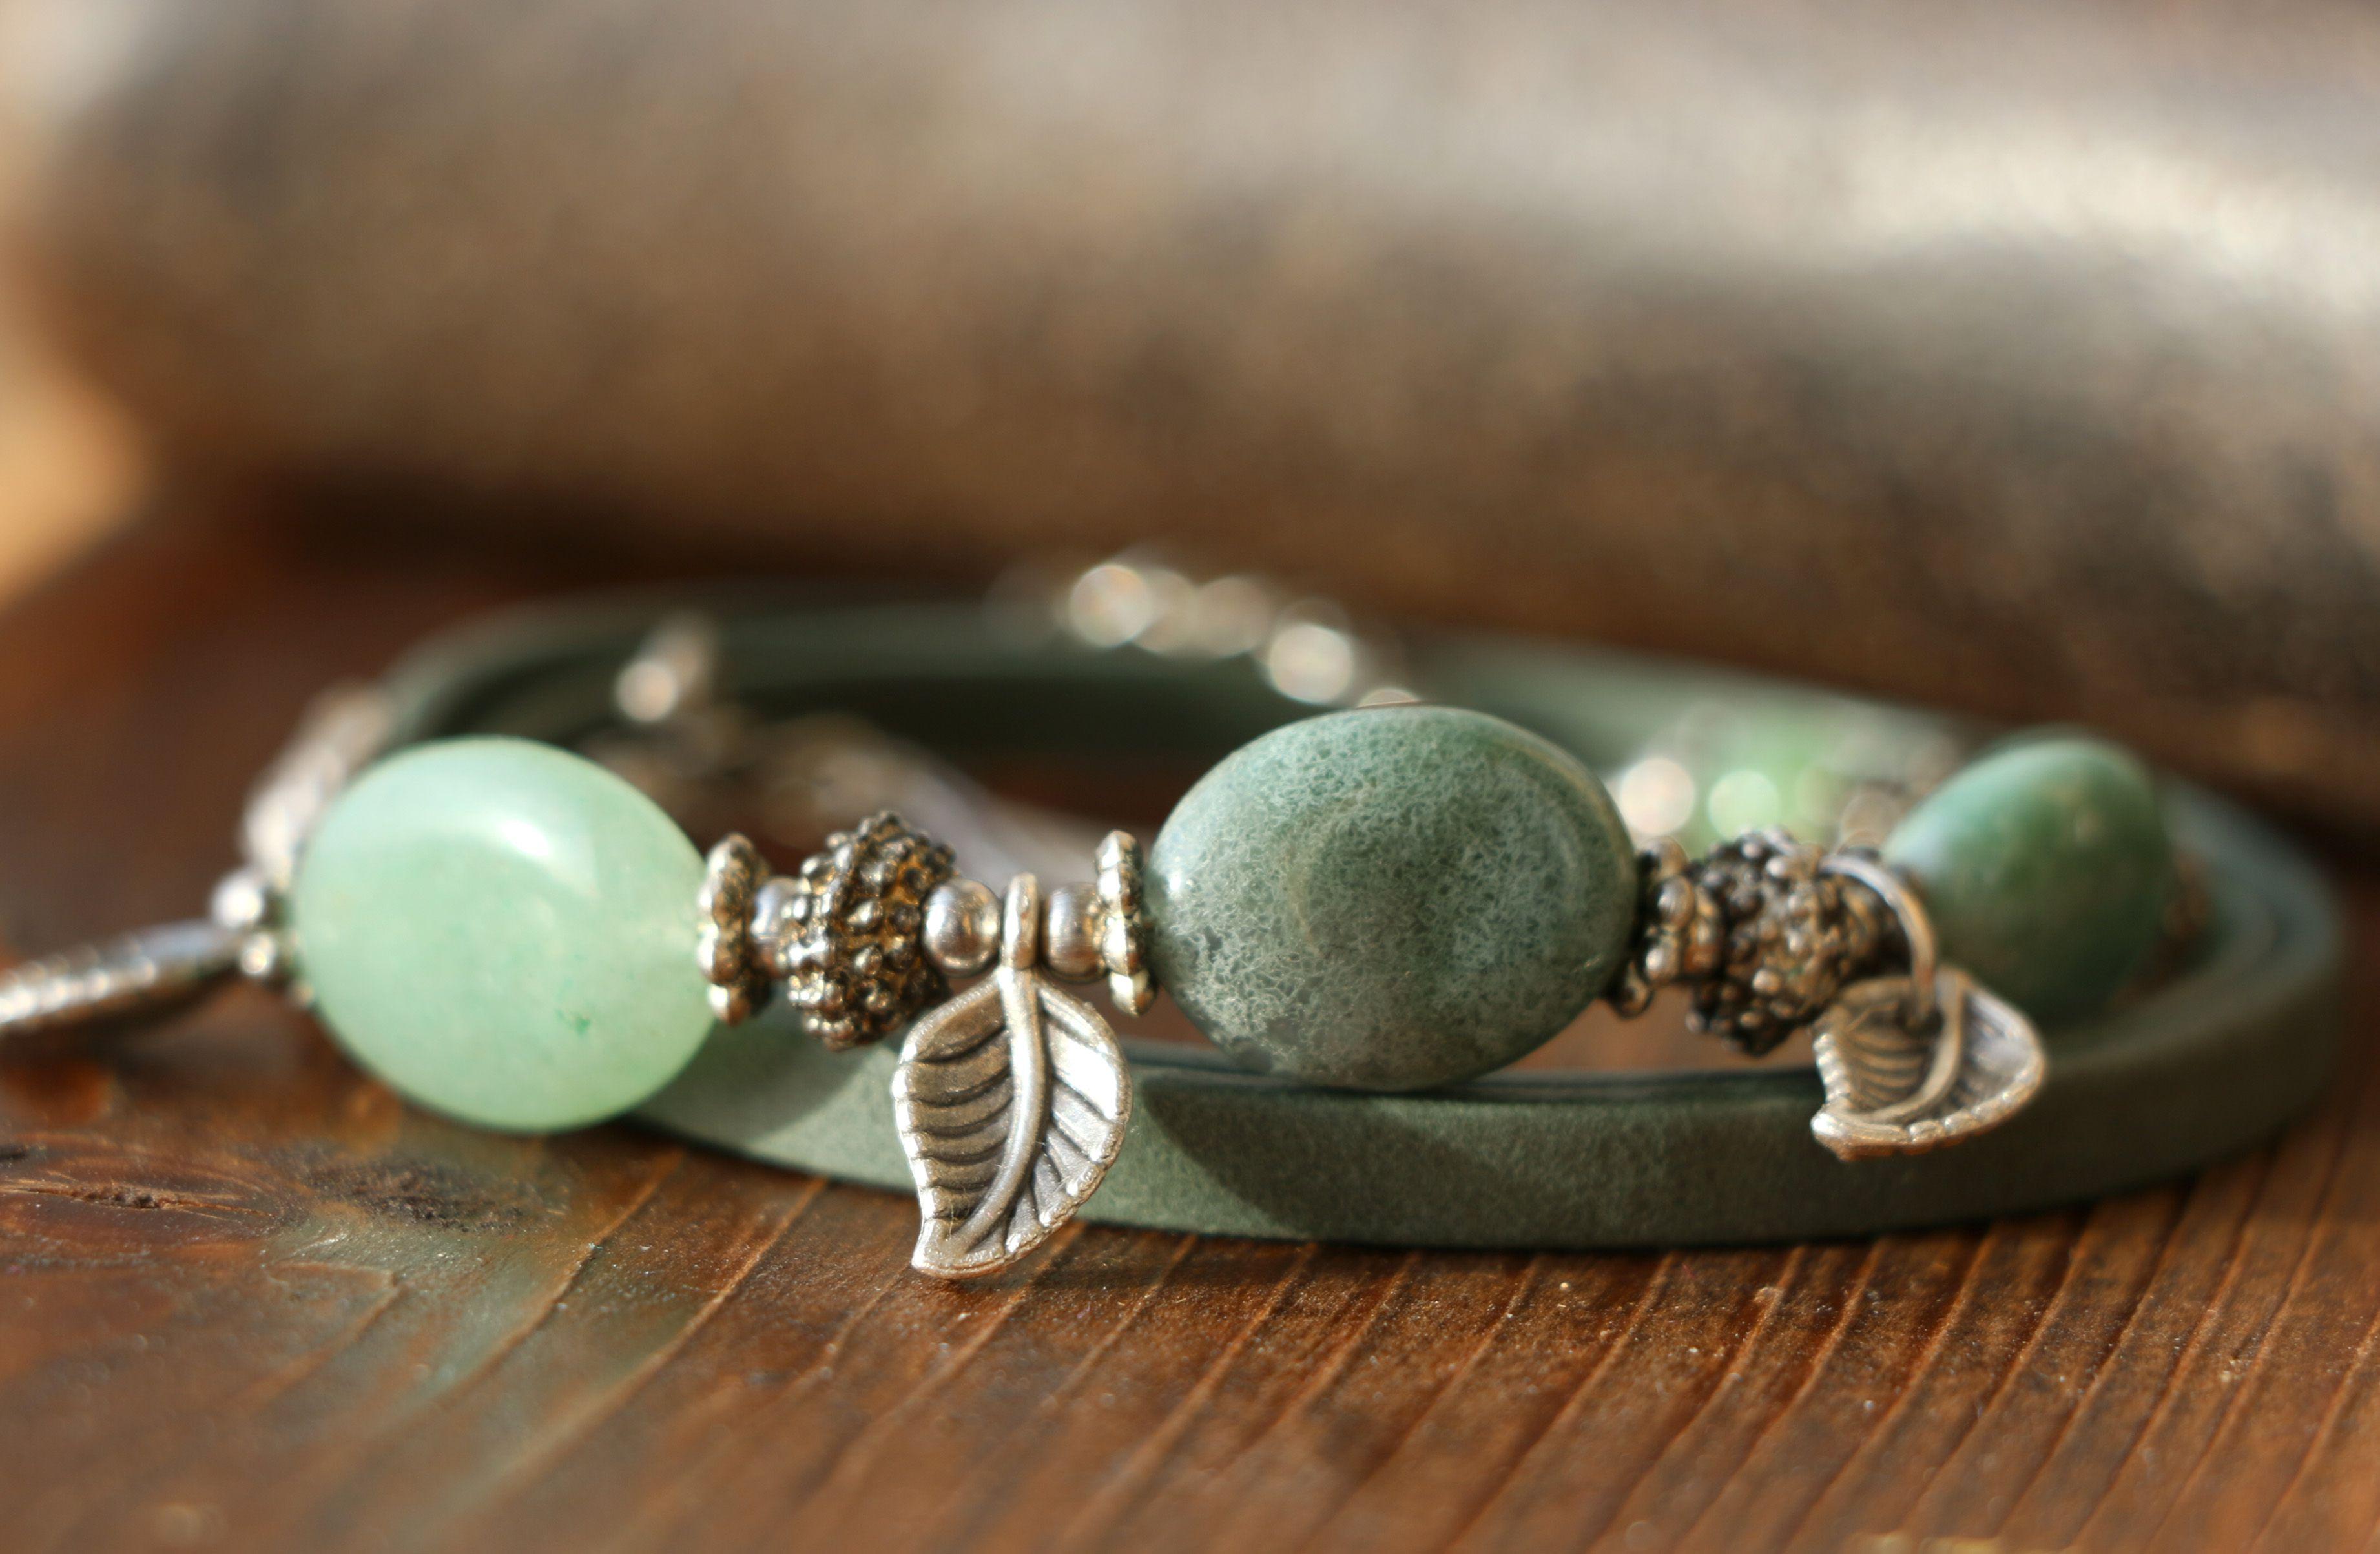 мятный зеленый браслет серо винтажный цвет серебристый стиль многорядный камни кожи камней натуральные